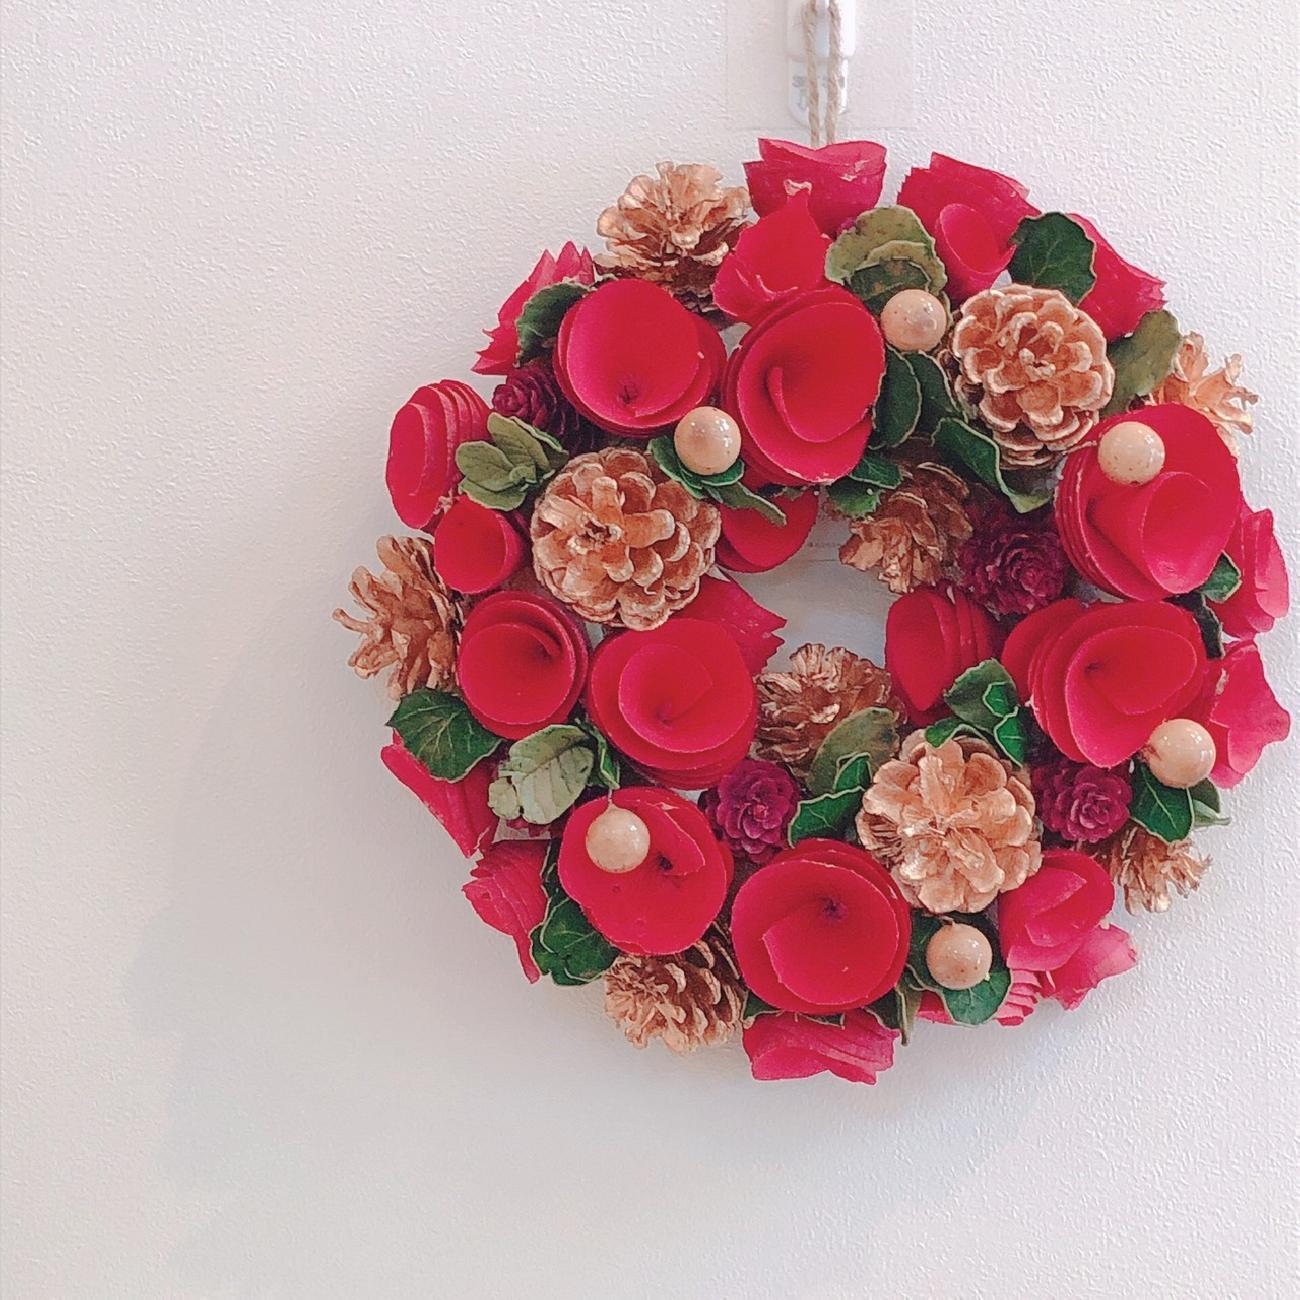 クリスマス/リース/おうち時間/季節を楽しむ/インテリア雑貨